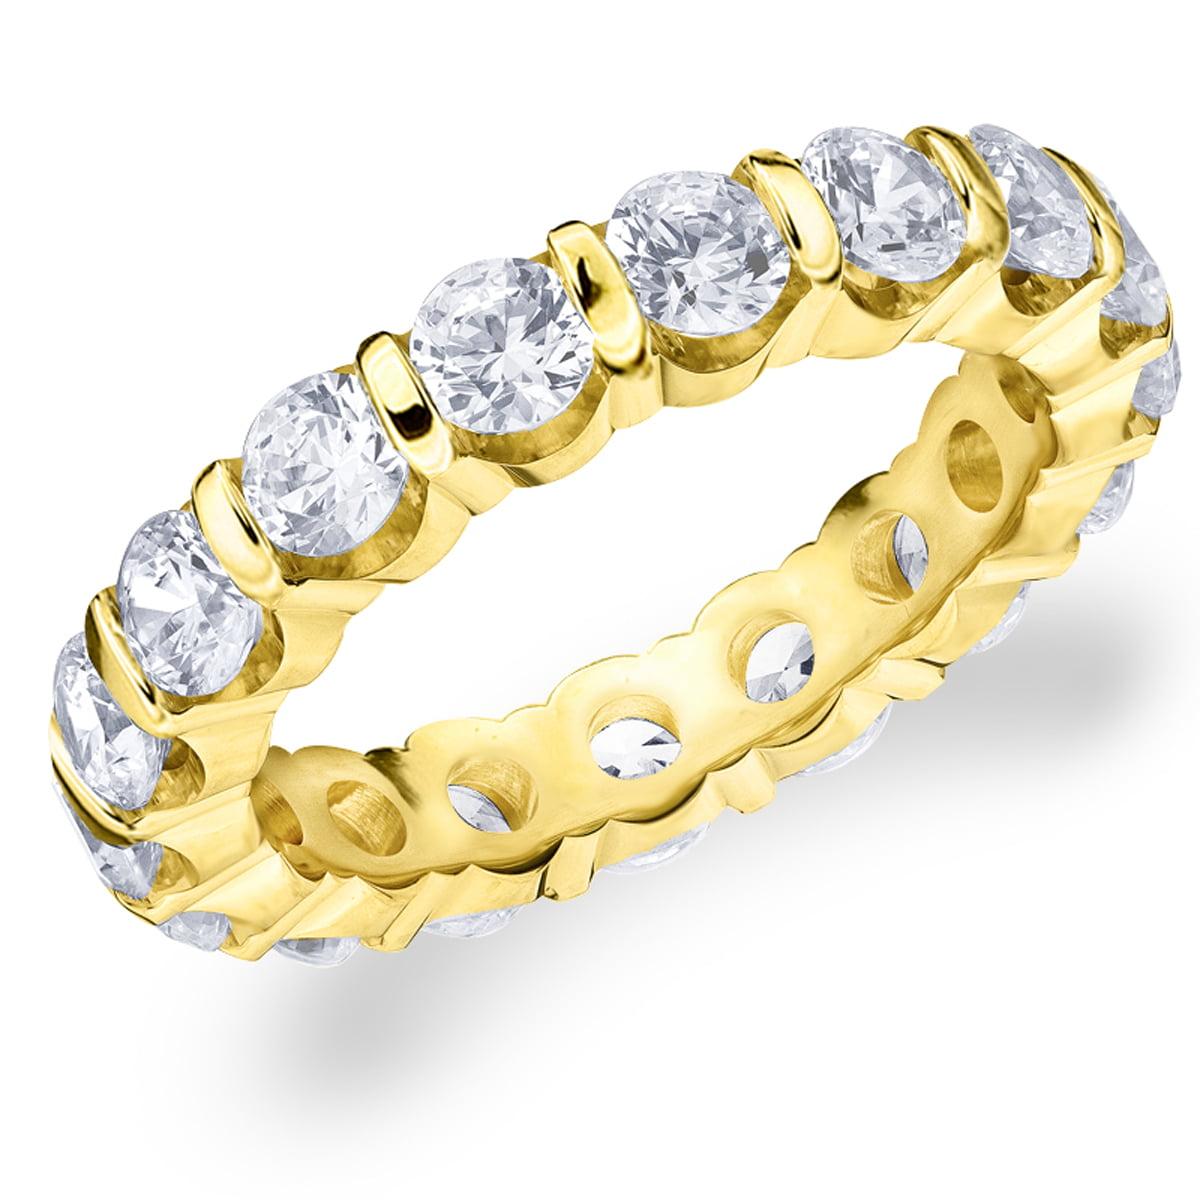 3 CT  Diamond Eternity Wedding Band in 14K Yellow Gold, 3.0 CT Round Diamond Anniversary Ring